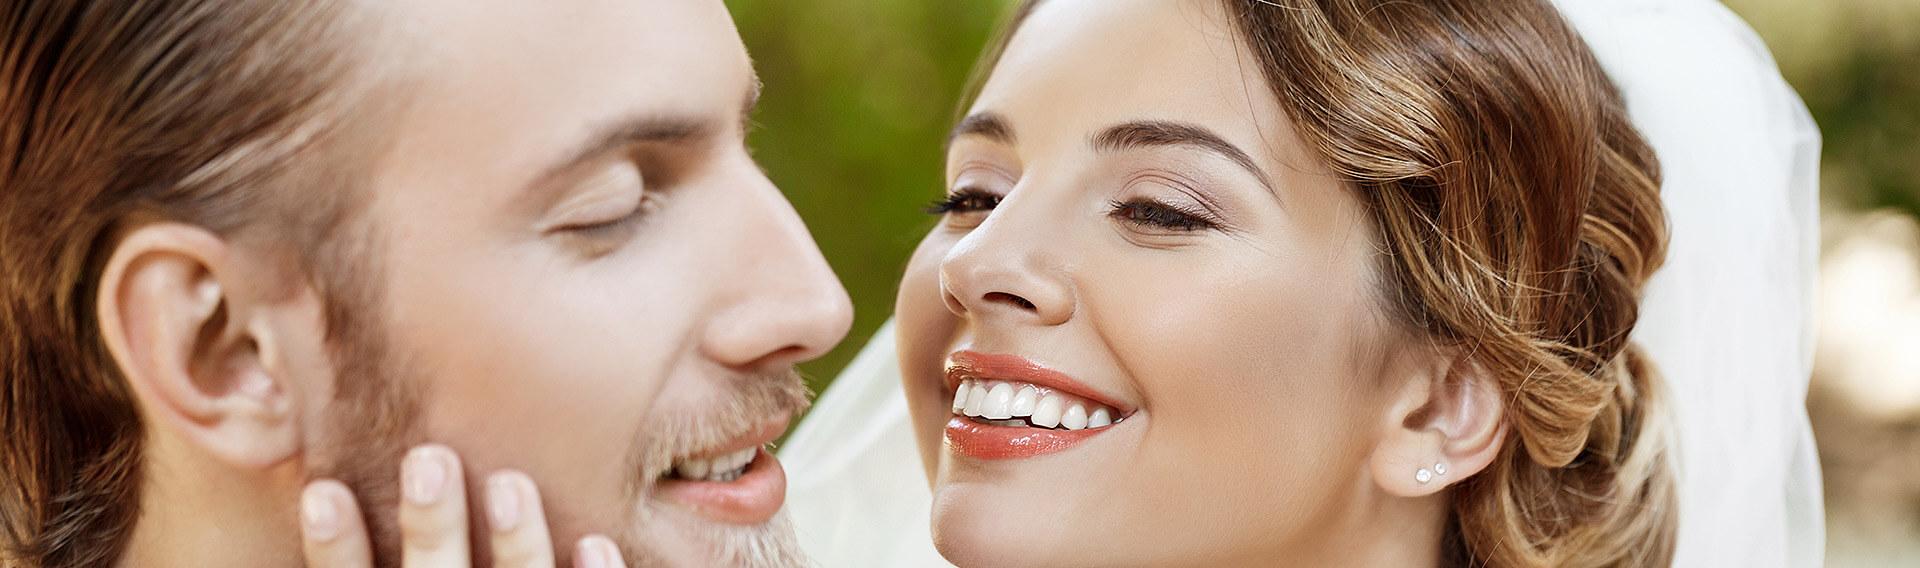 Gerade Zähne zur Hochzeit - schnelle Zahnkorrektur für Braut und Bräutigam